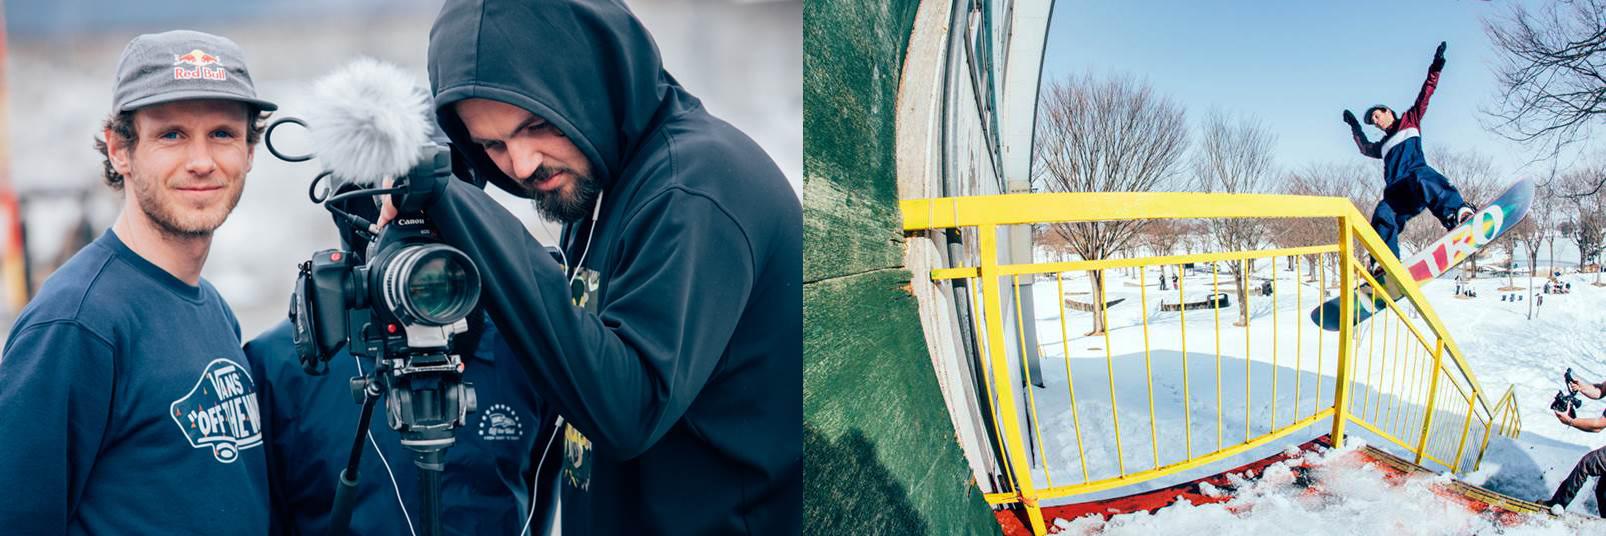 Neben Red Bull konnte Benny jetzt einen weiteren großen Sponsoren-Deal an Land ziehen - Foto: Matt Georges